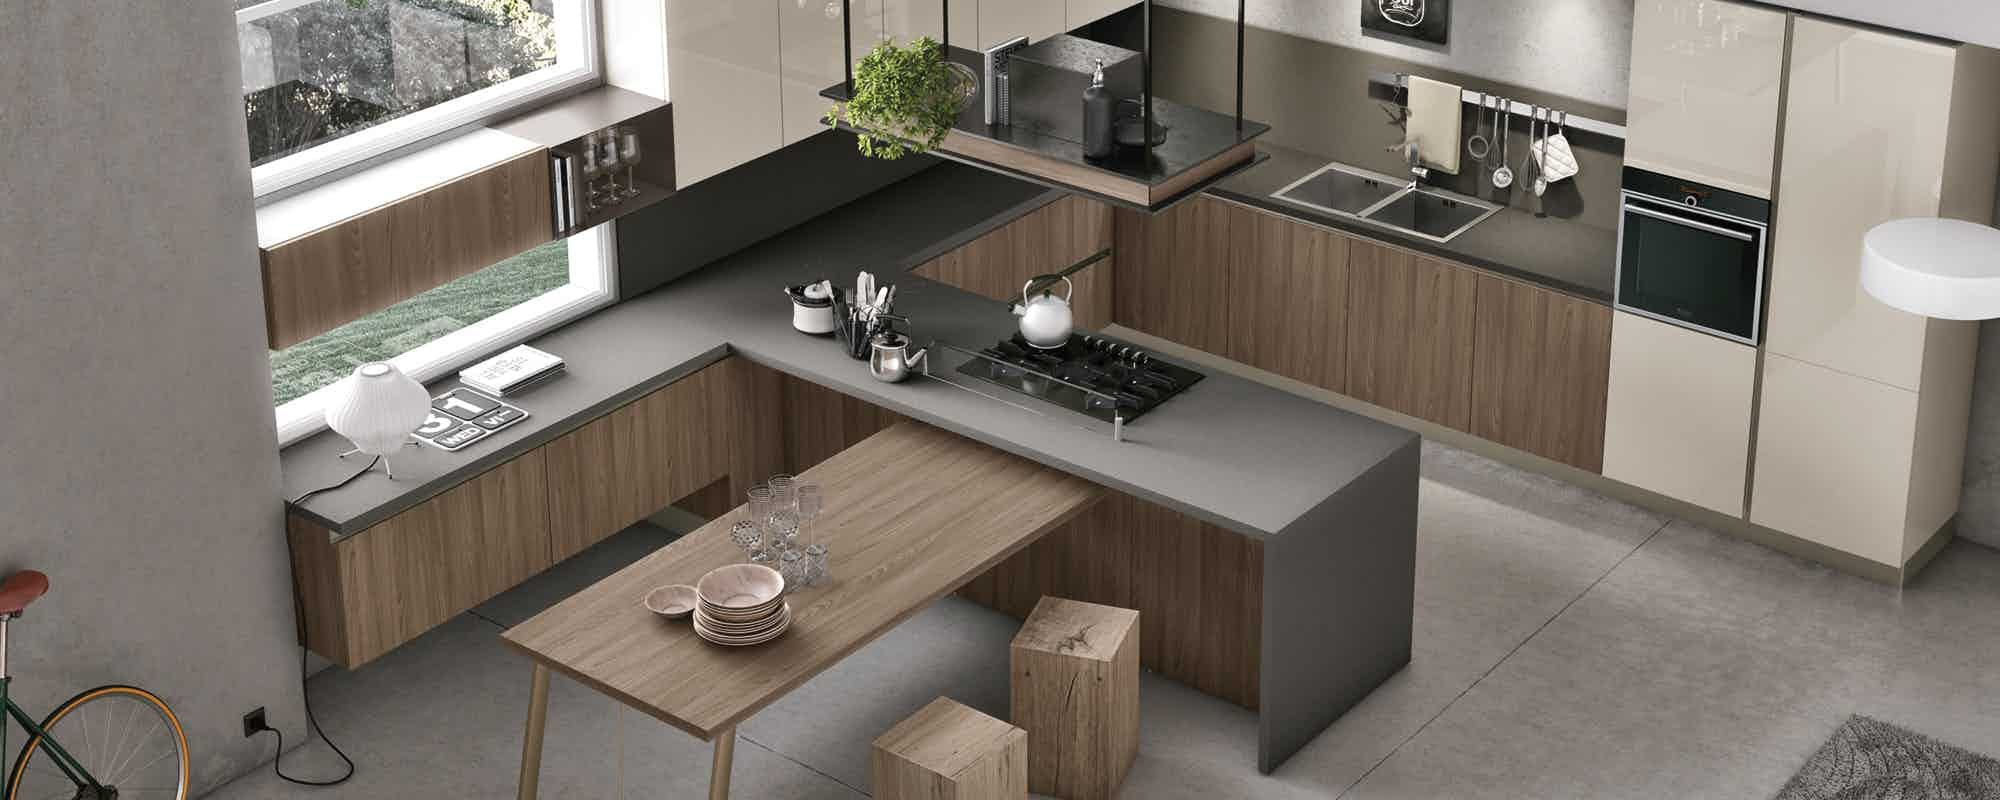 cucine moderne stosa - modello cucina infinity 05 | Cucina ...